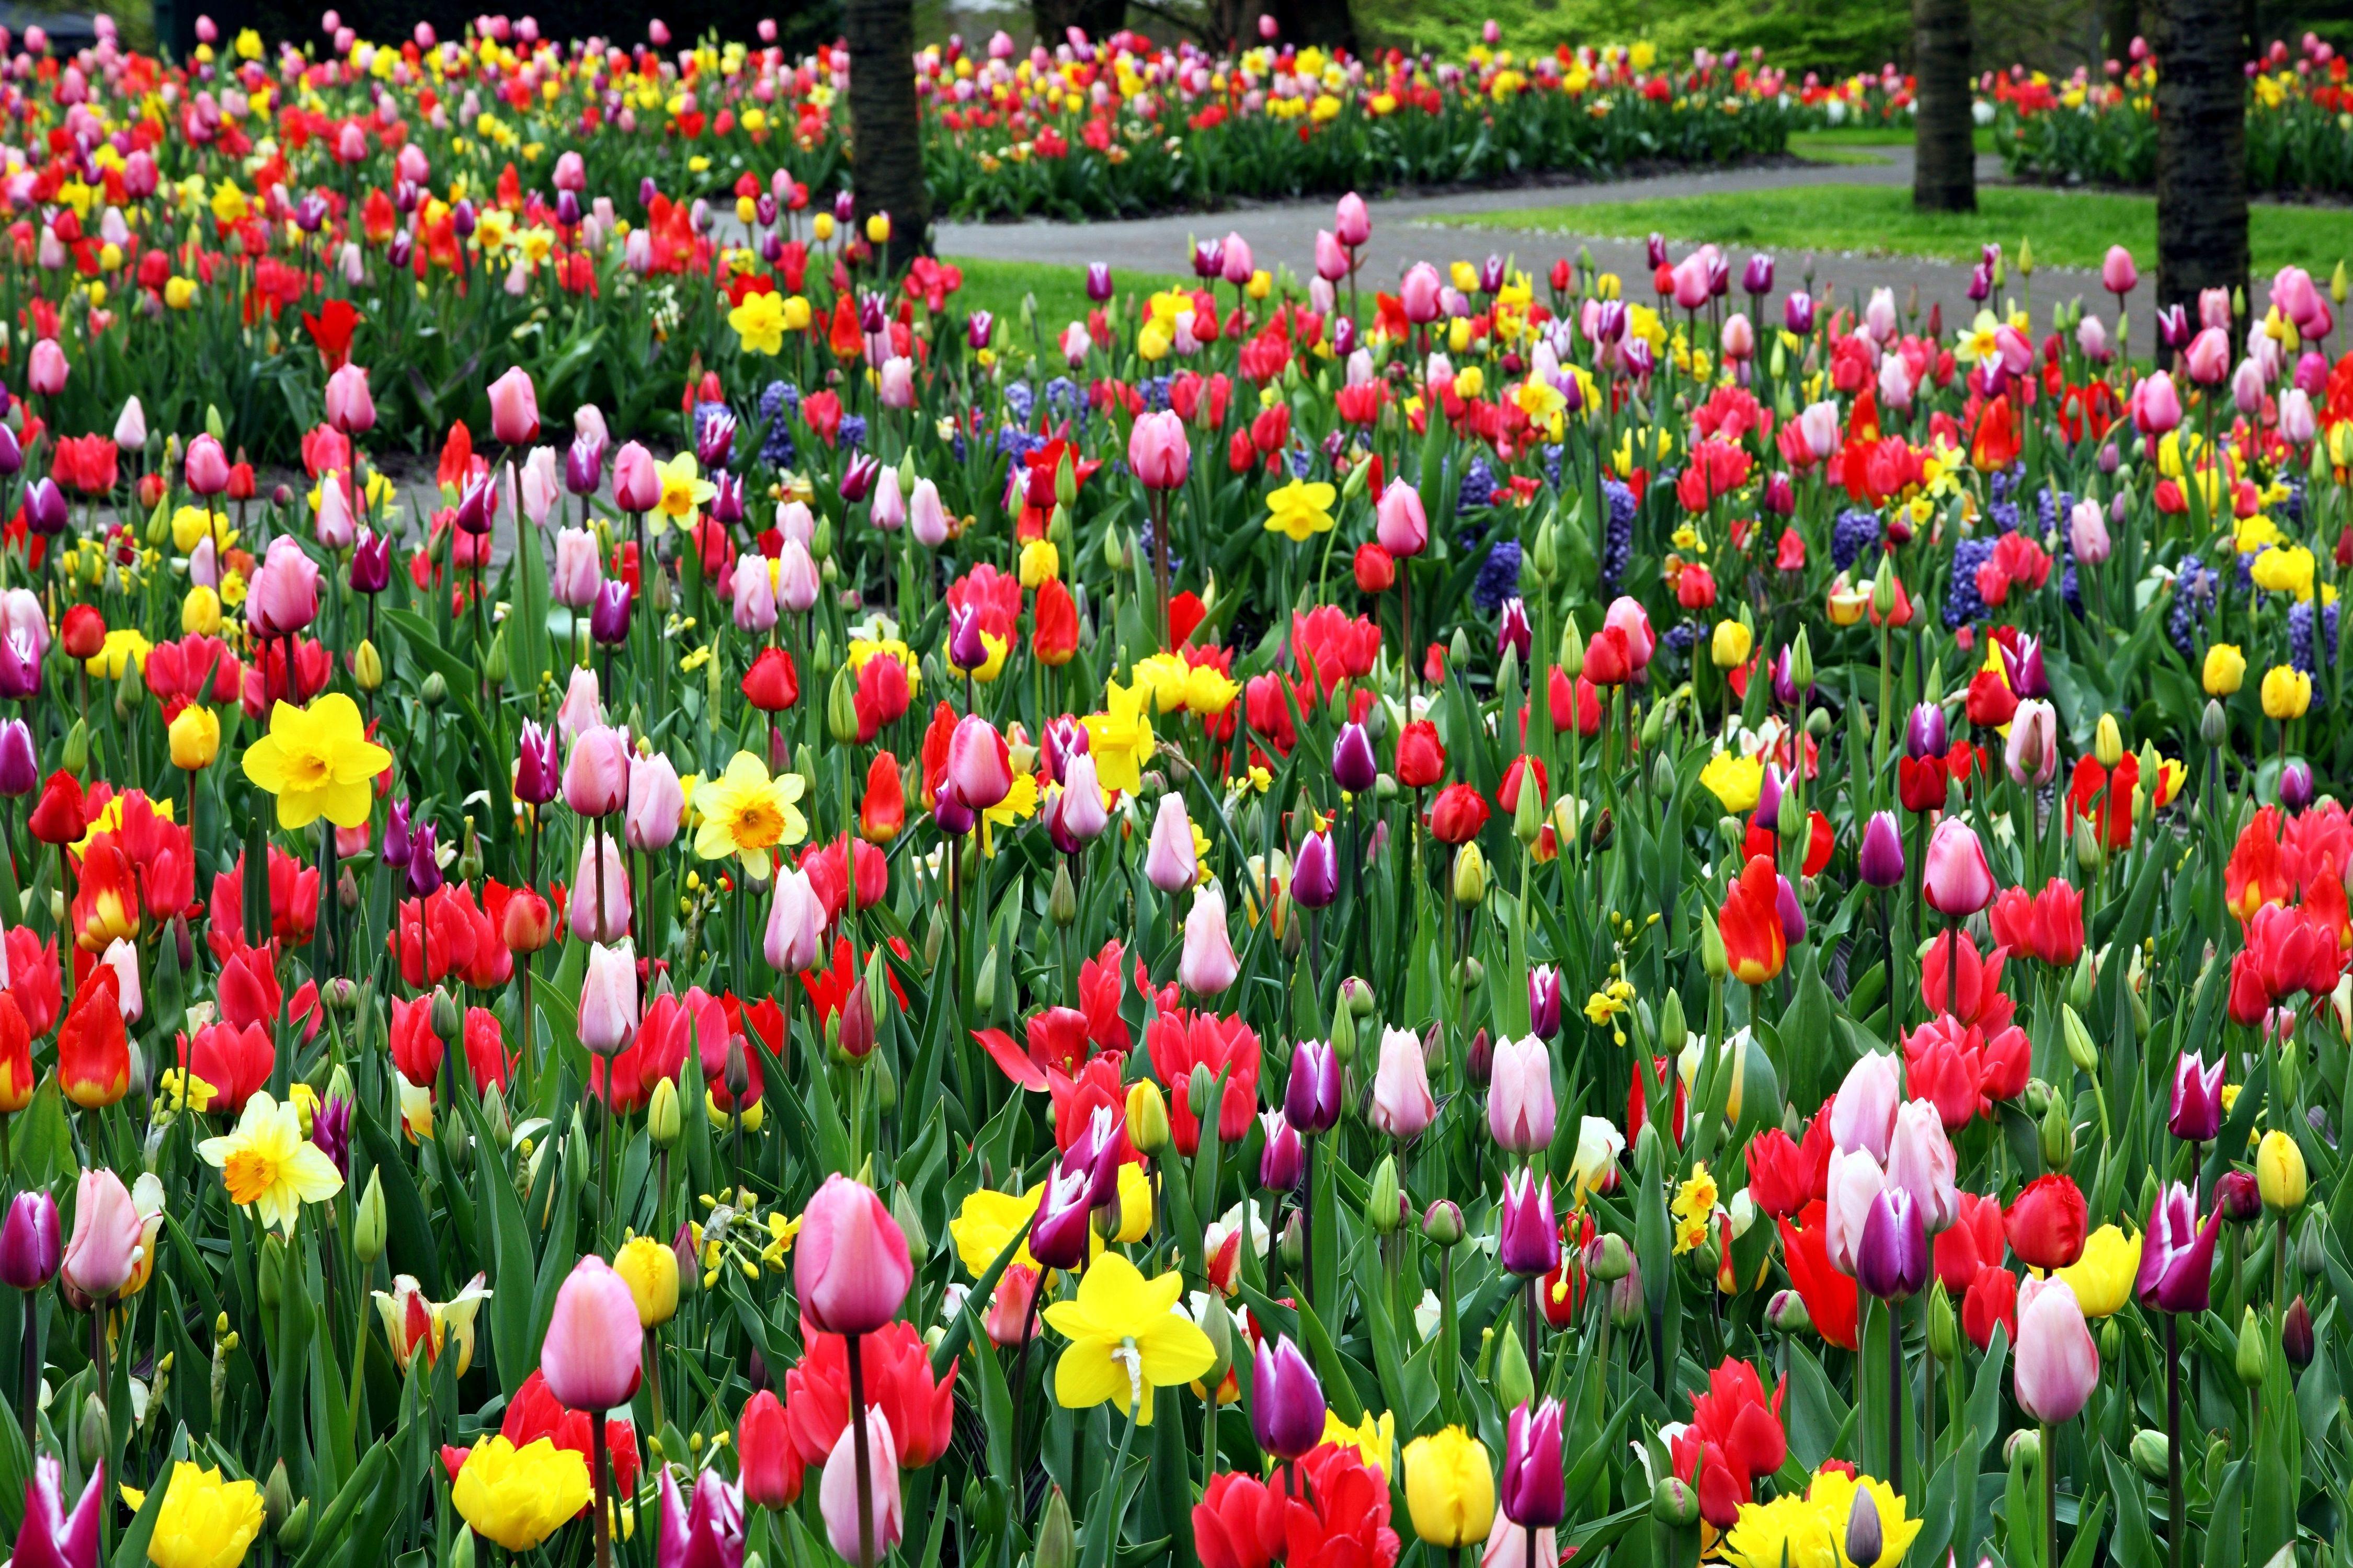 Gambar Gratis Tulip Yang Berwarna Warni Bunga Lapangan Parkir Taman